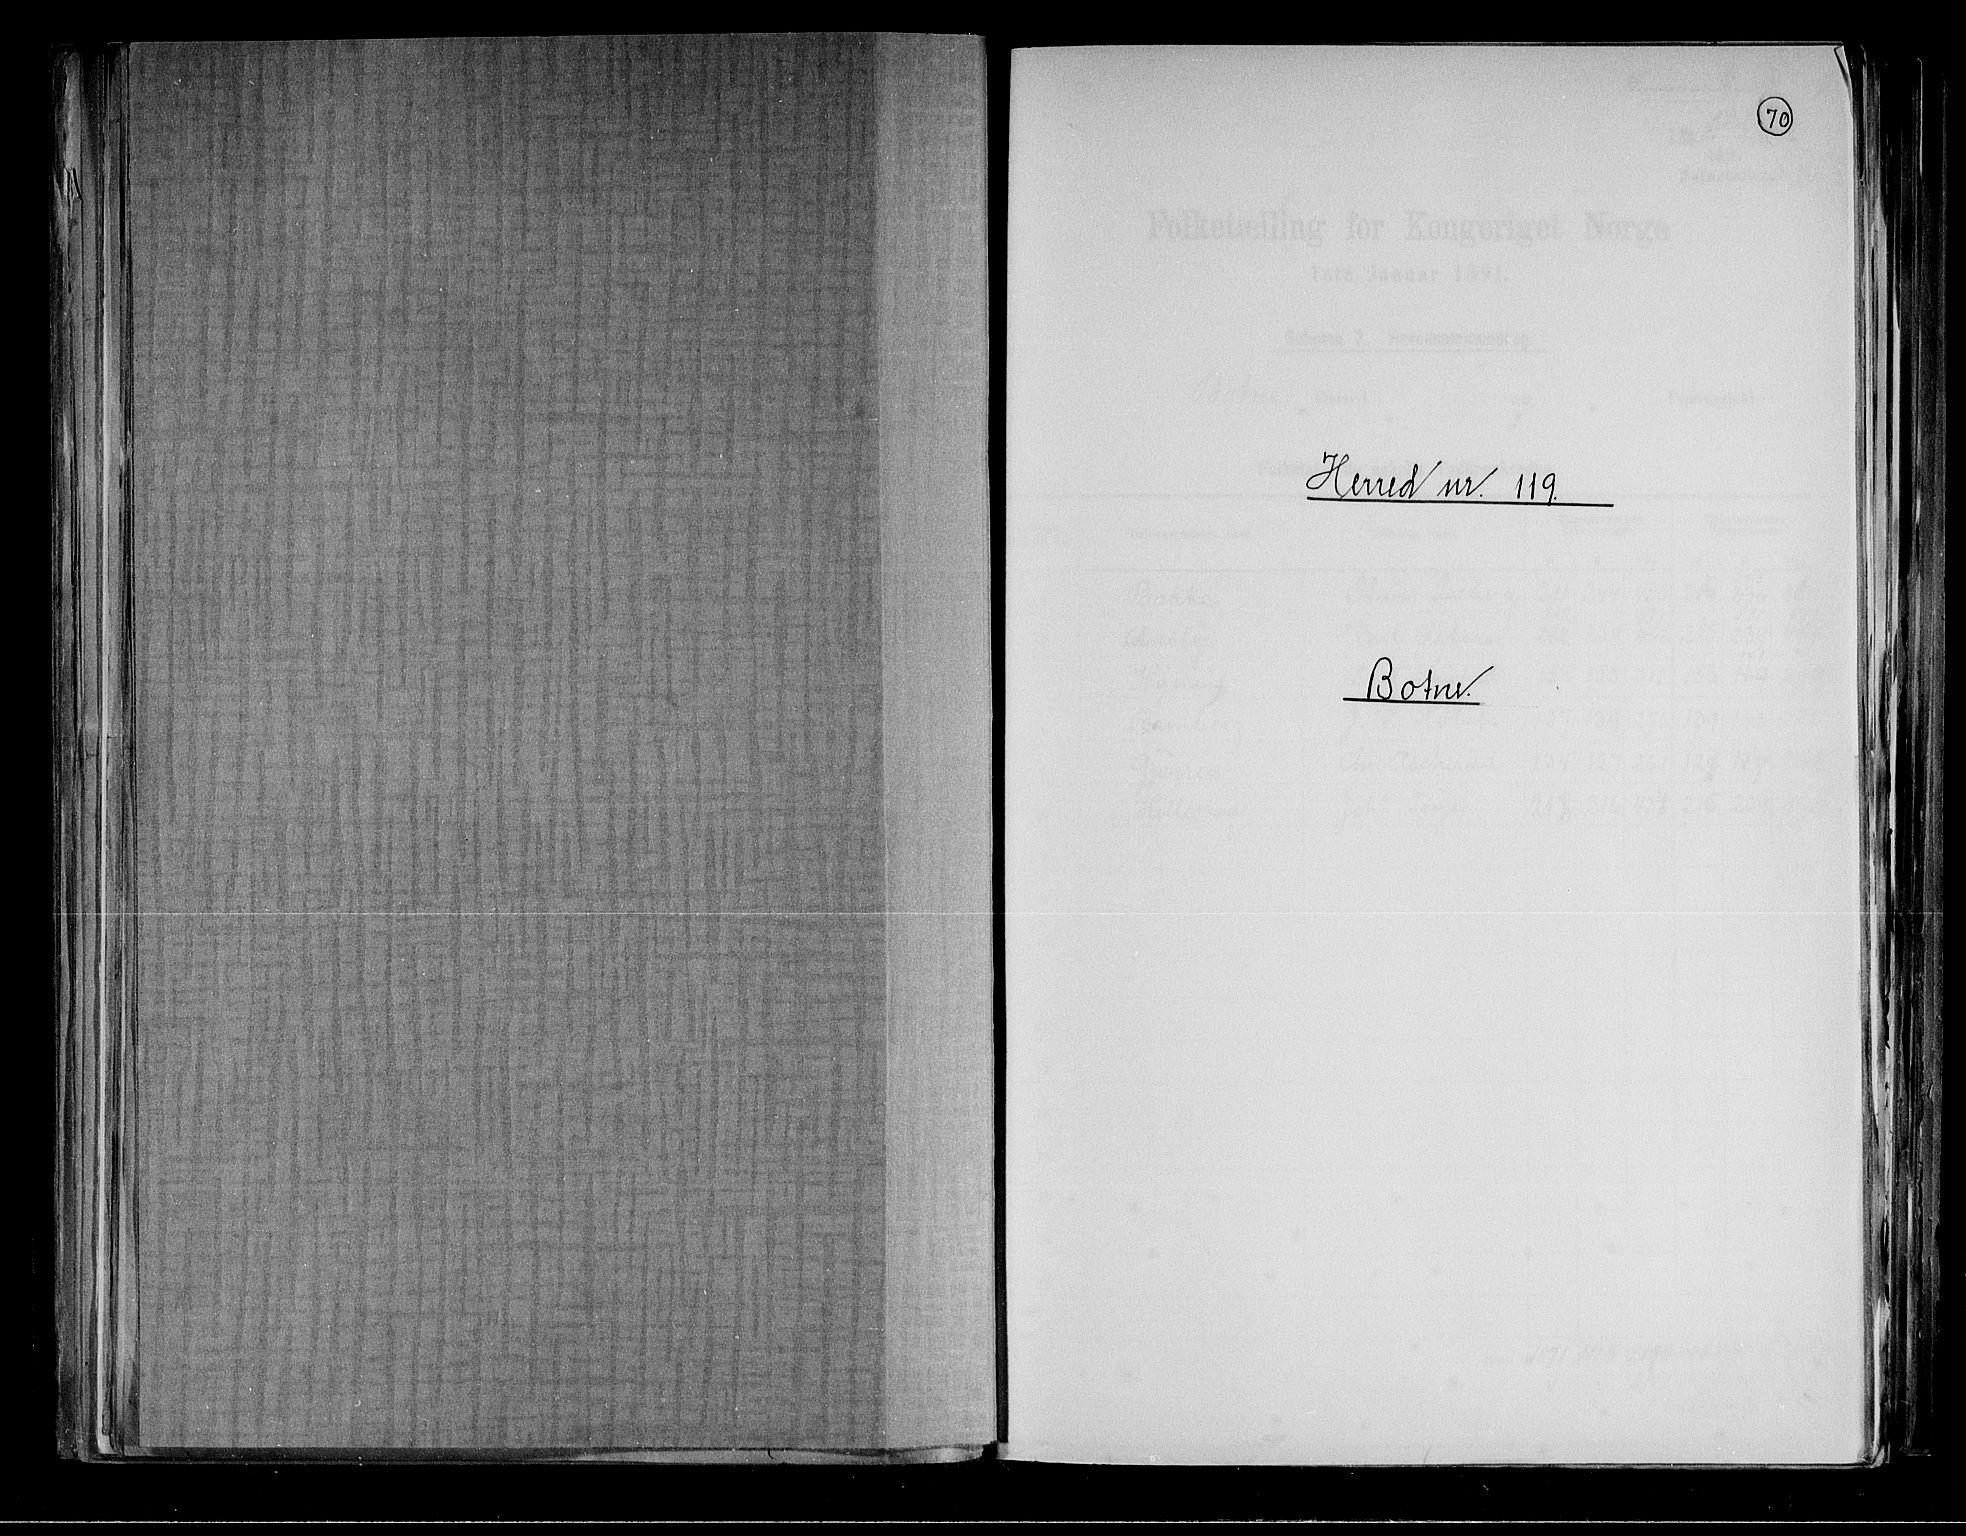 RA, Folketelling 1891 for 0715 Botne herred, 1891, s. 1